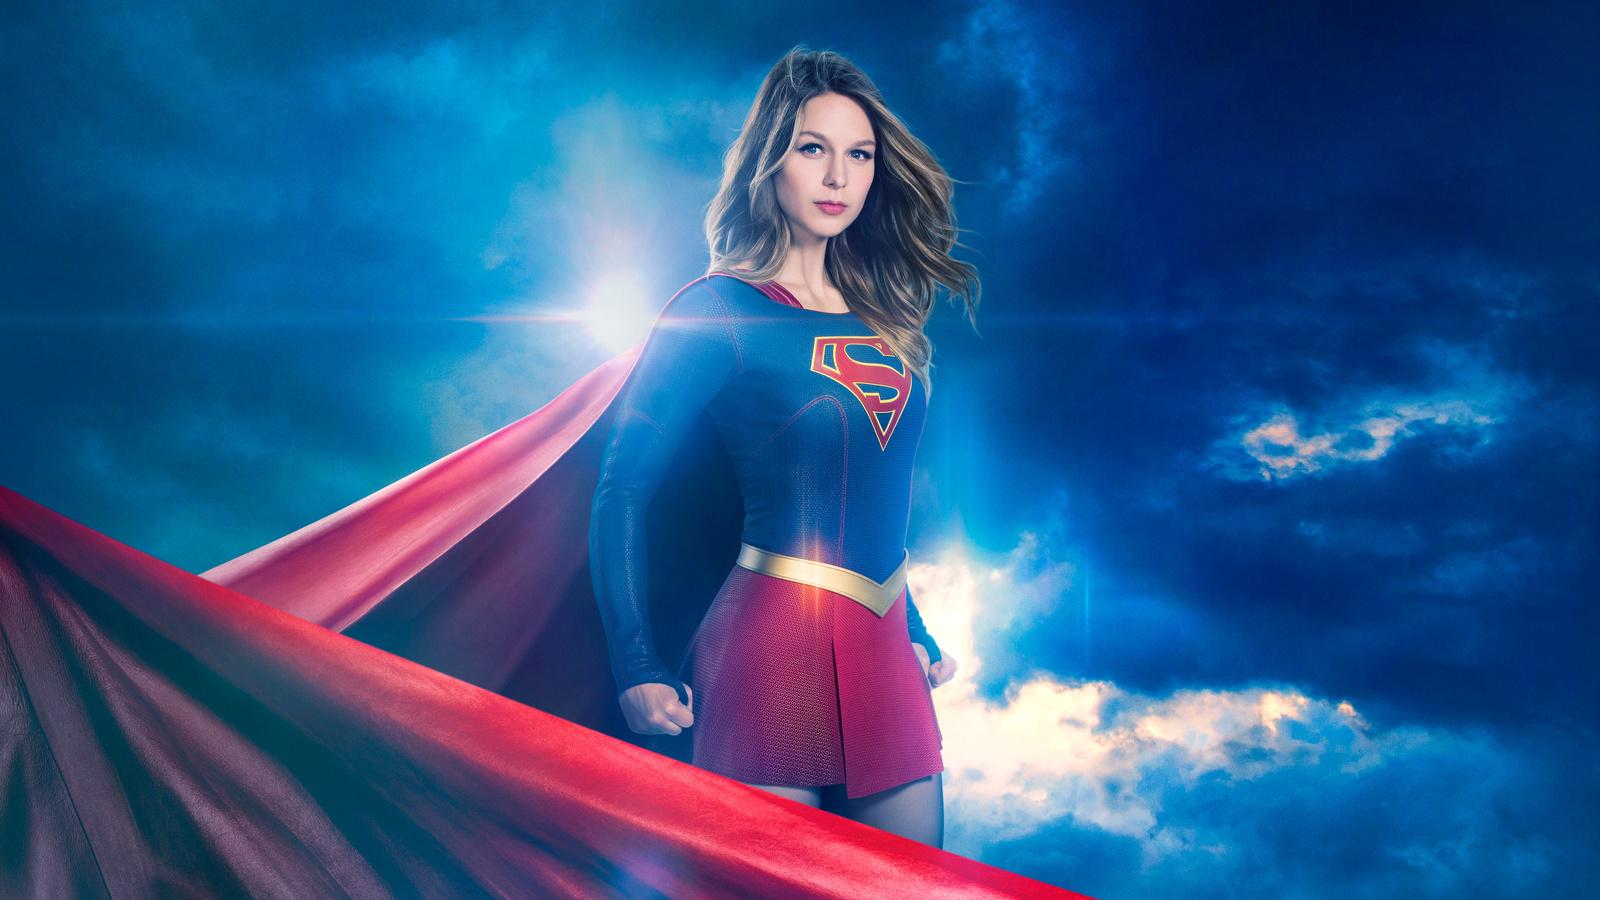 Supergirl masturbating